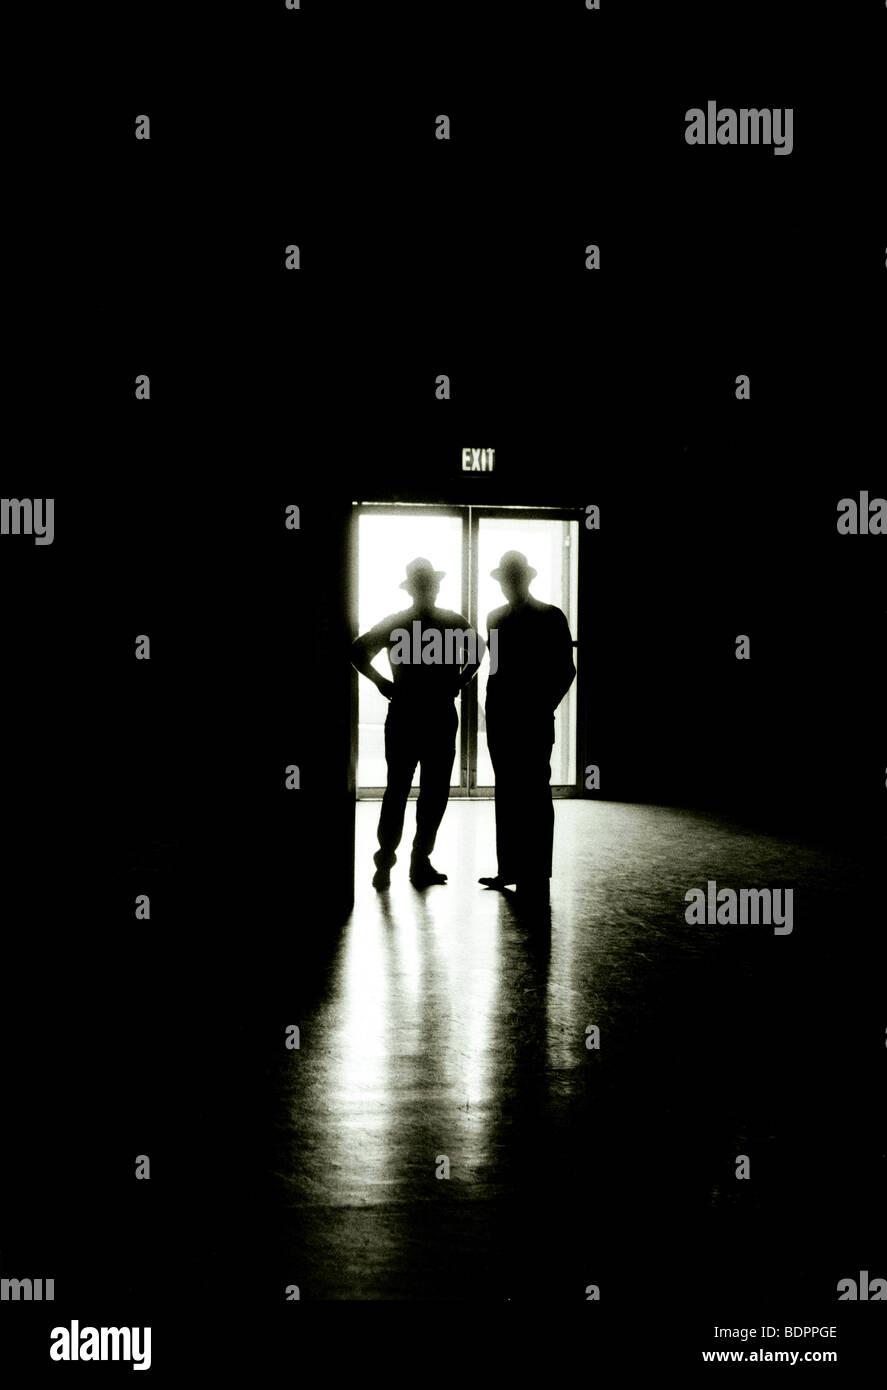 Zwei männliche Figuren, die Silhouette gegen ein Ausgang Eingang Stockbild